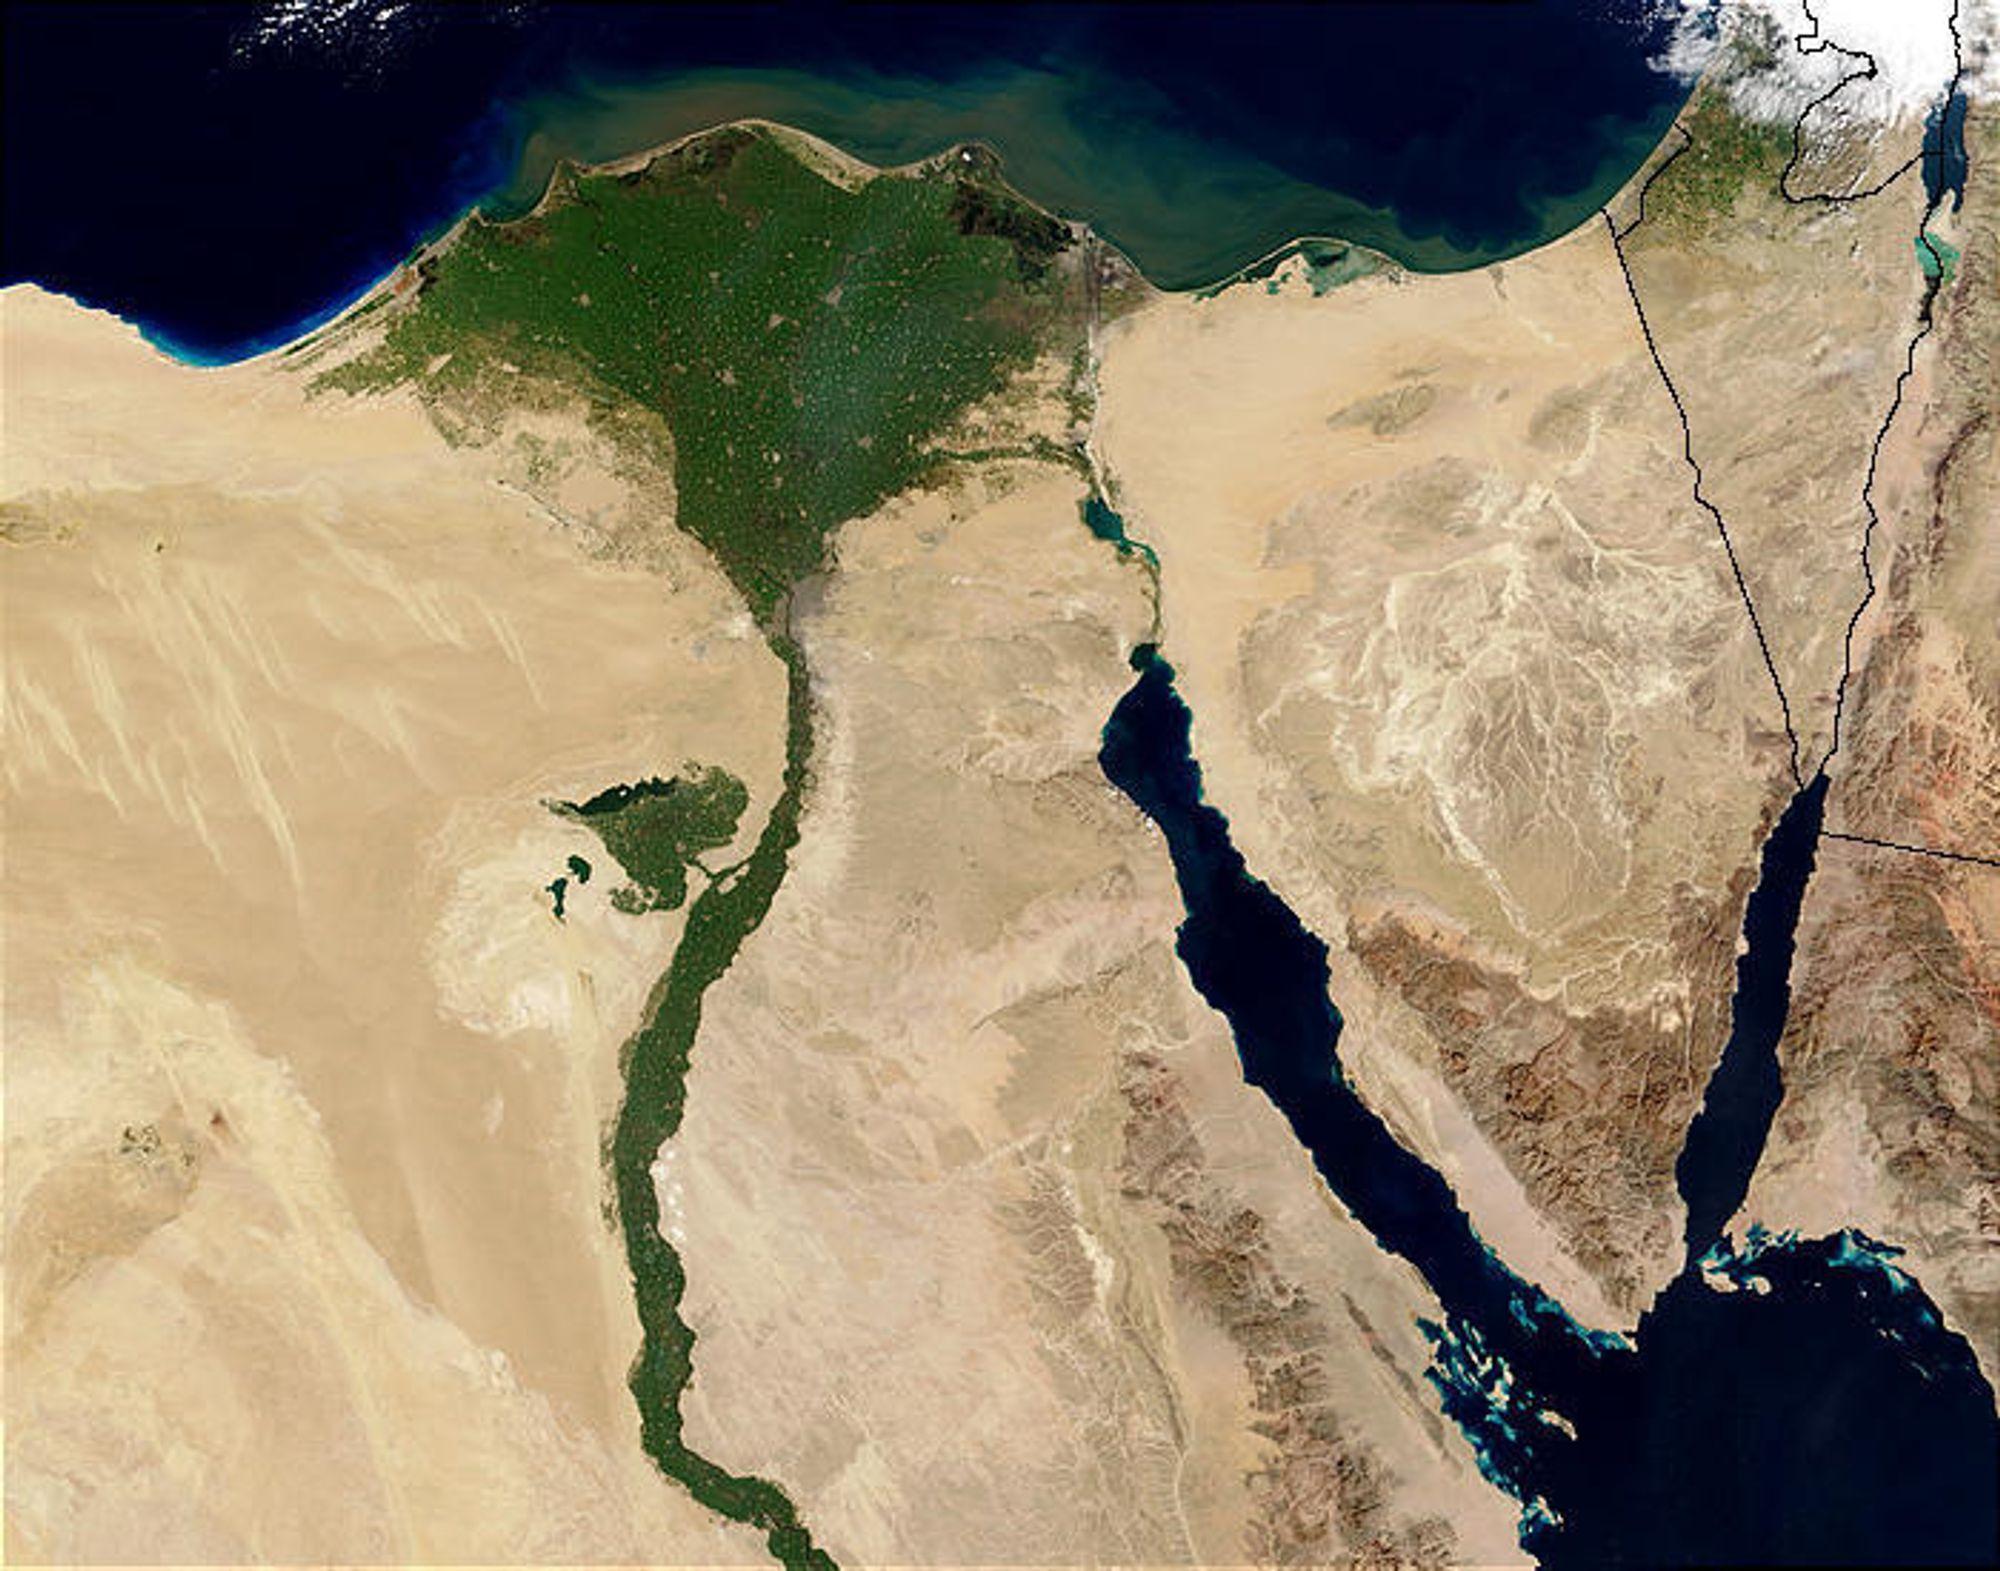 Egyptiske myndigheter har stengt alle vannrensingsanlegg etter at en lekter har lekket ut minst 100 tonn diesel i Nilen.